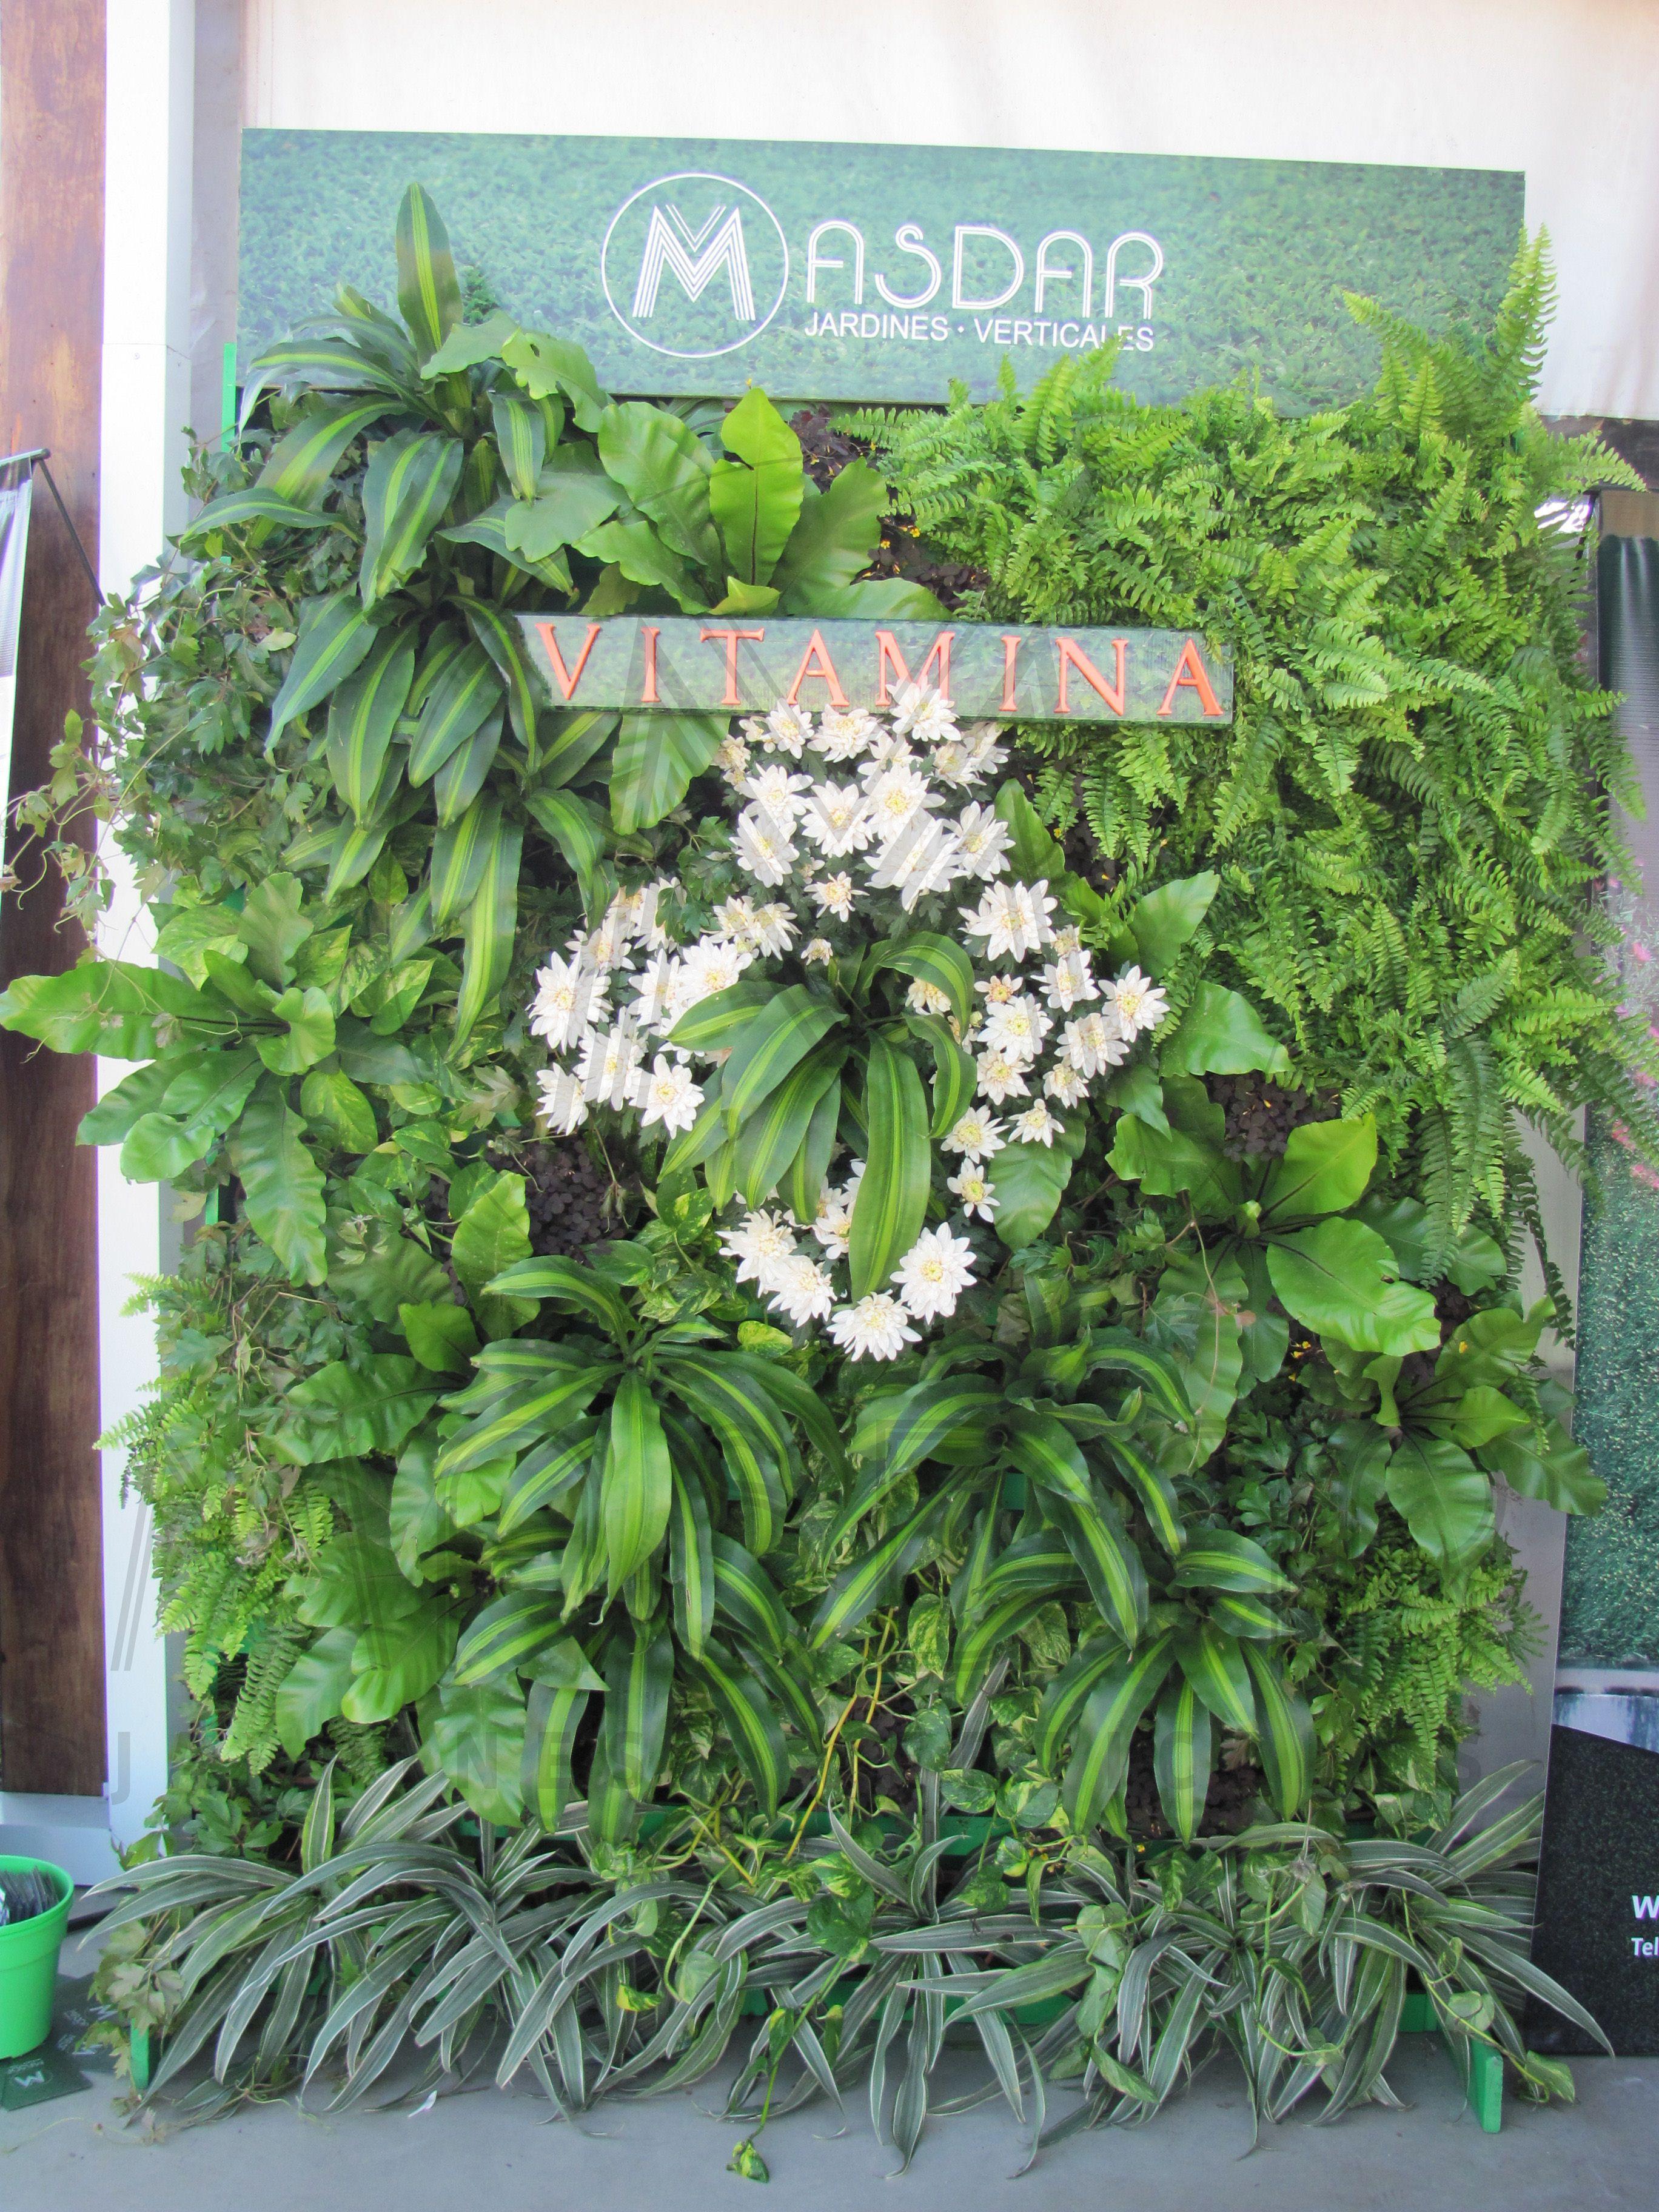 proyecto vitamina presentaci n pv14 de masdar jardines